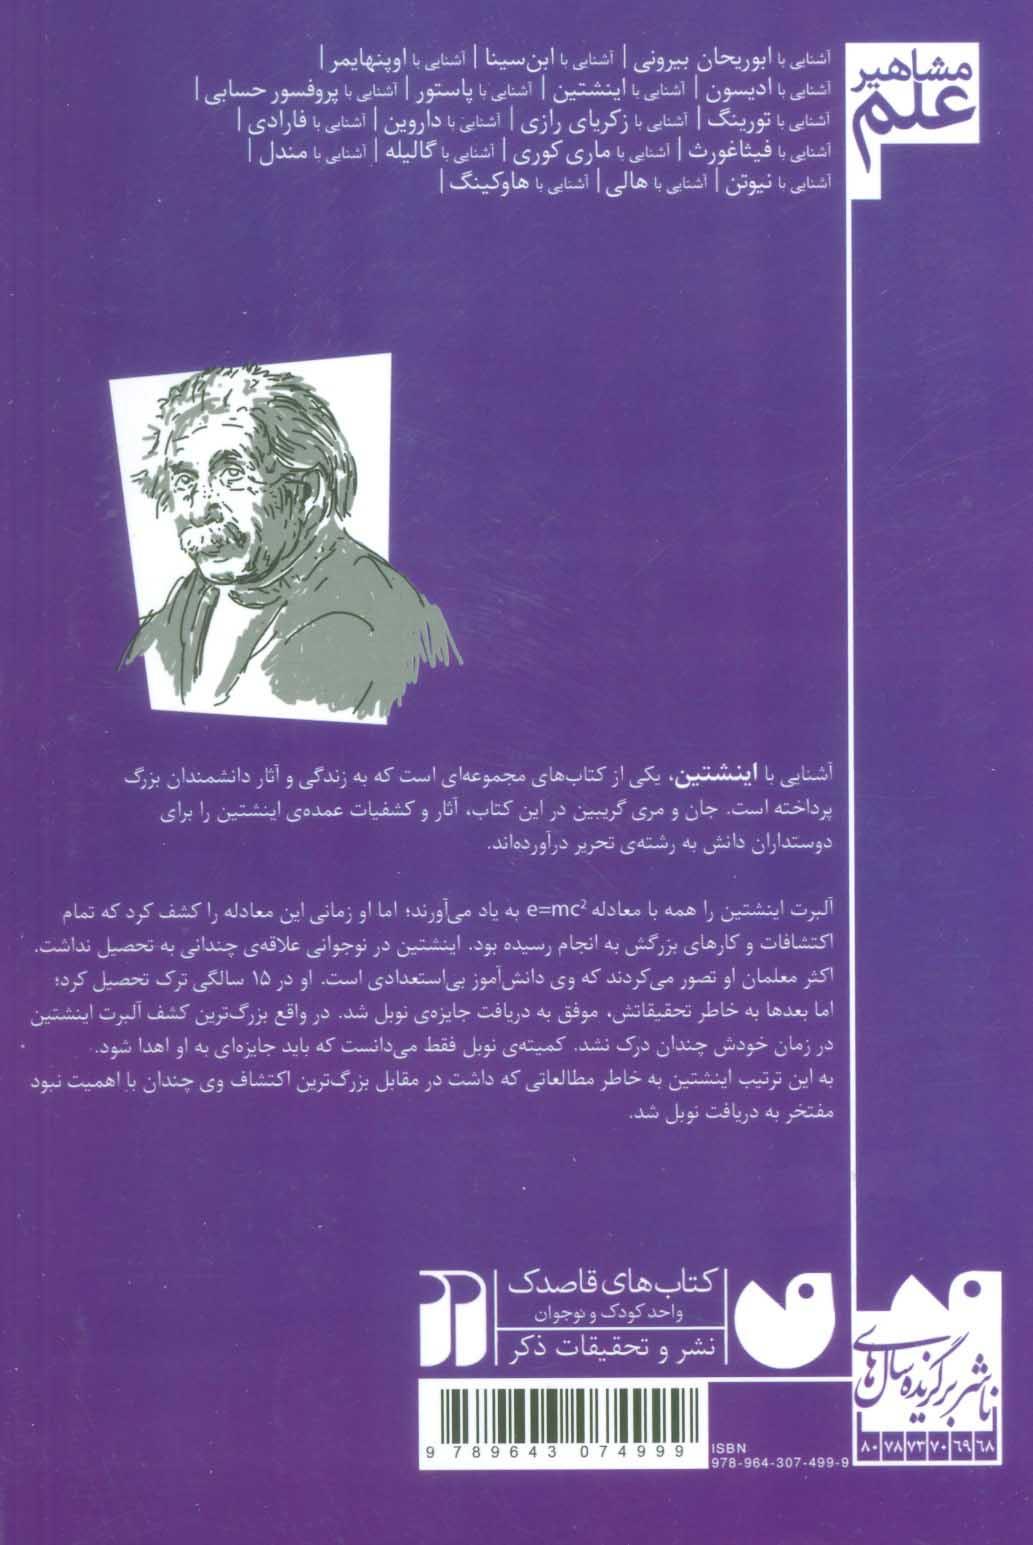 آشنایی با اینشتین (مشاهیر علم)